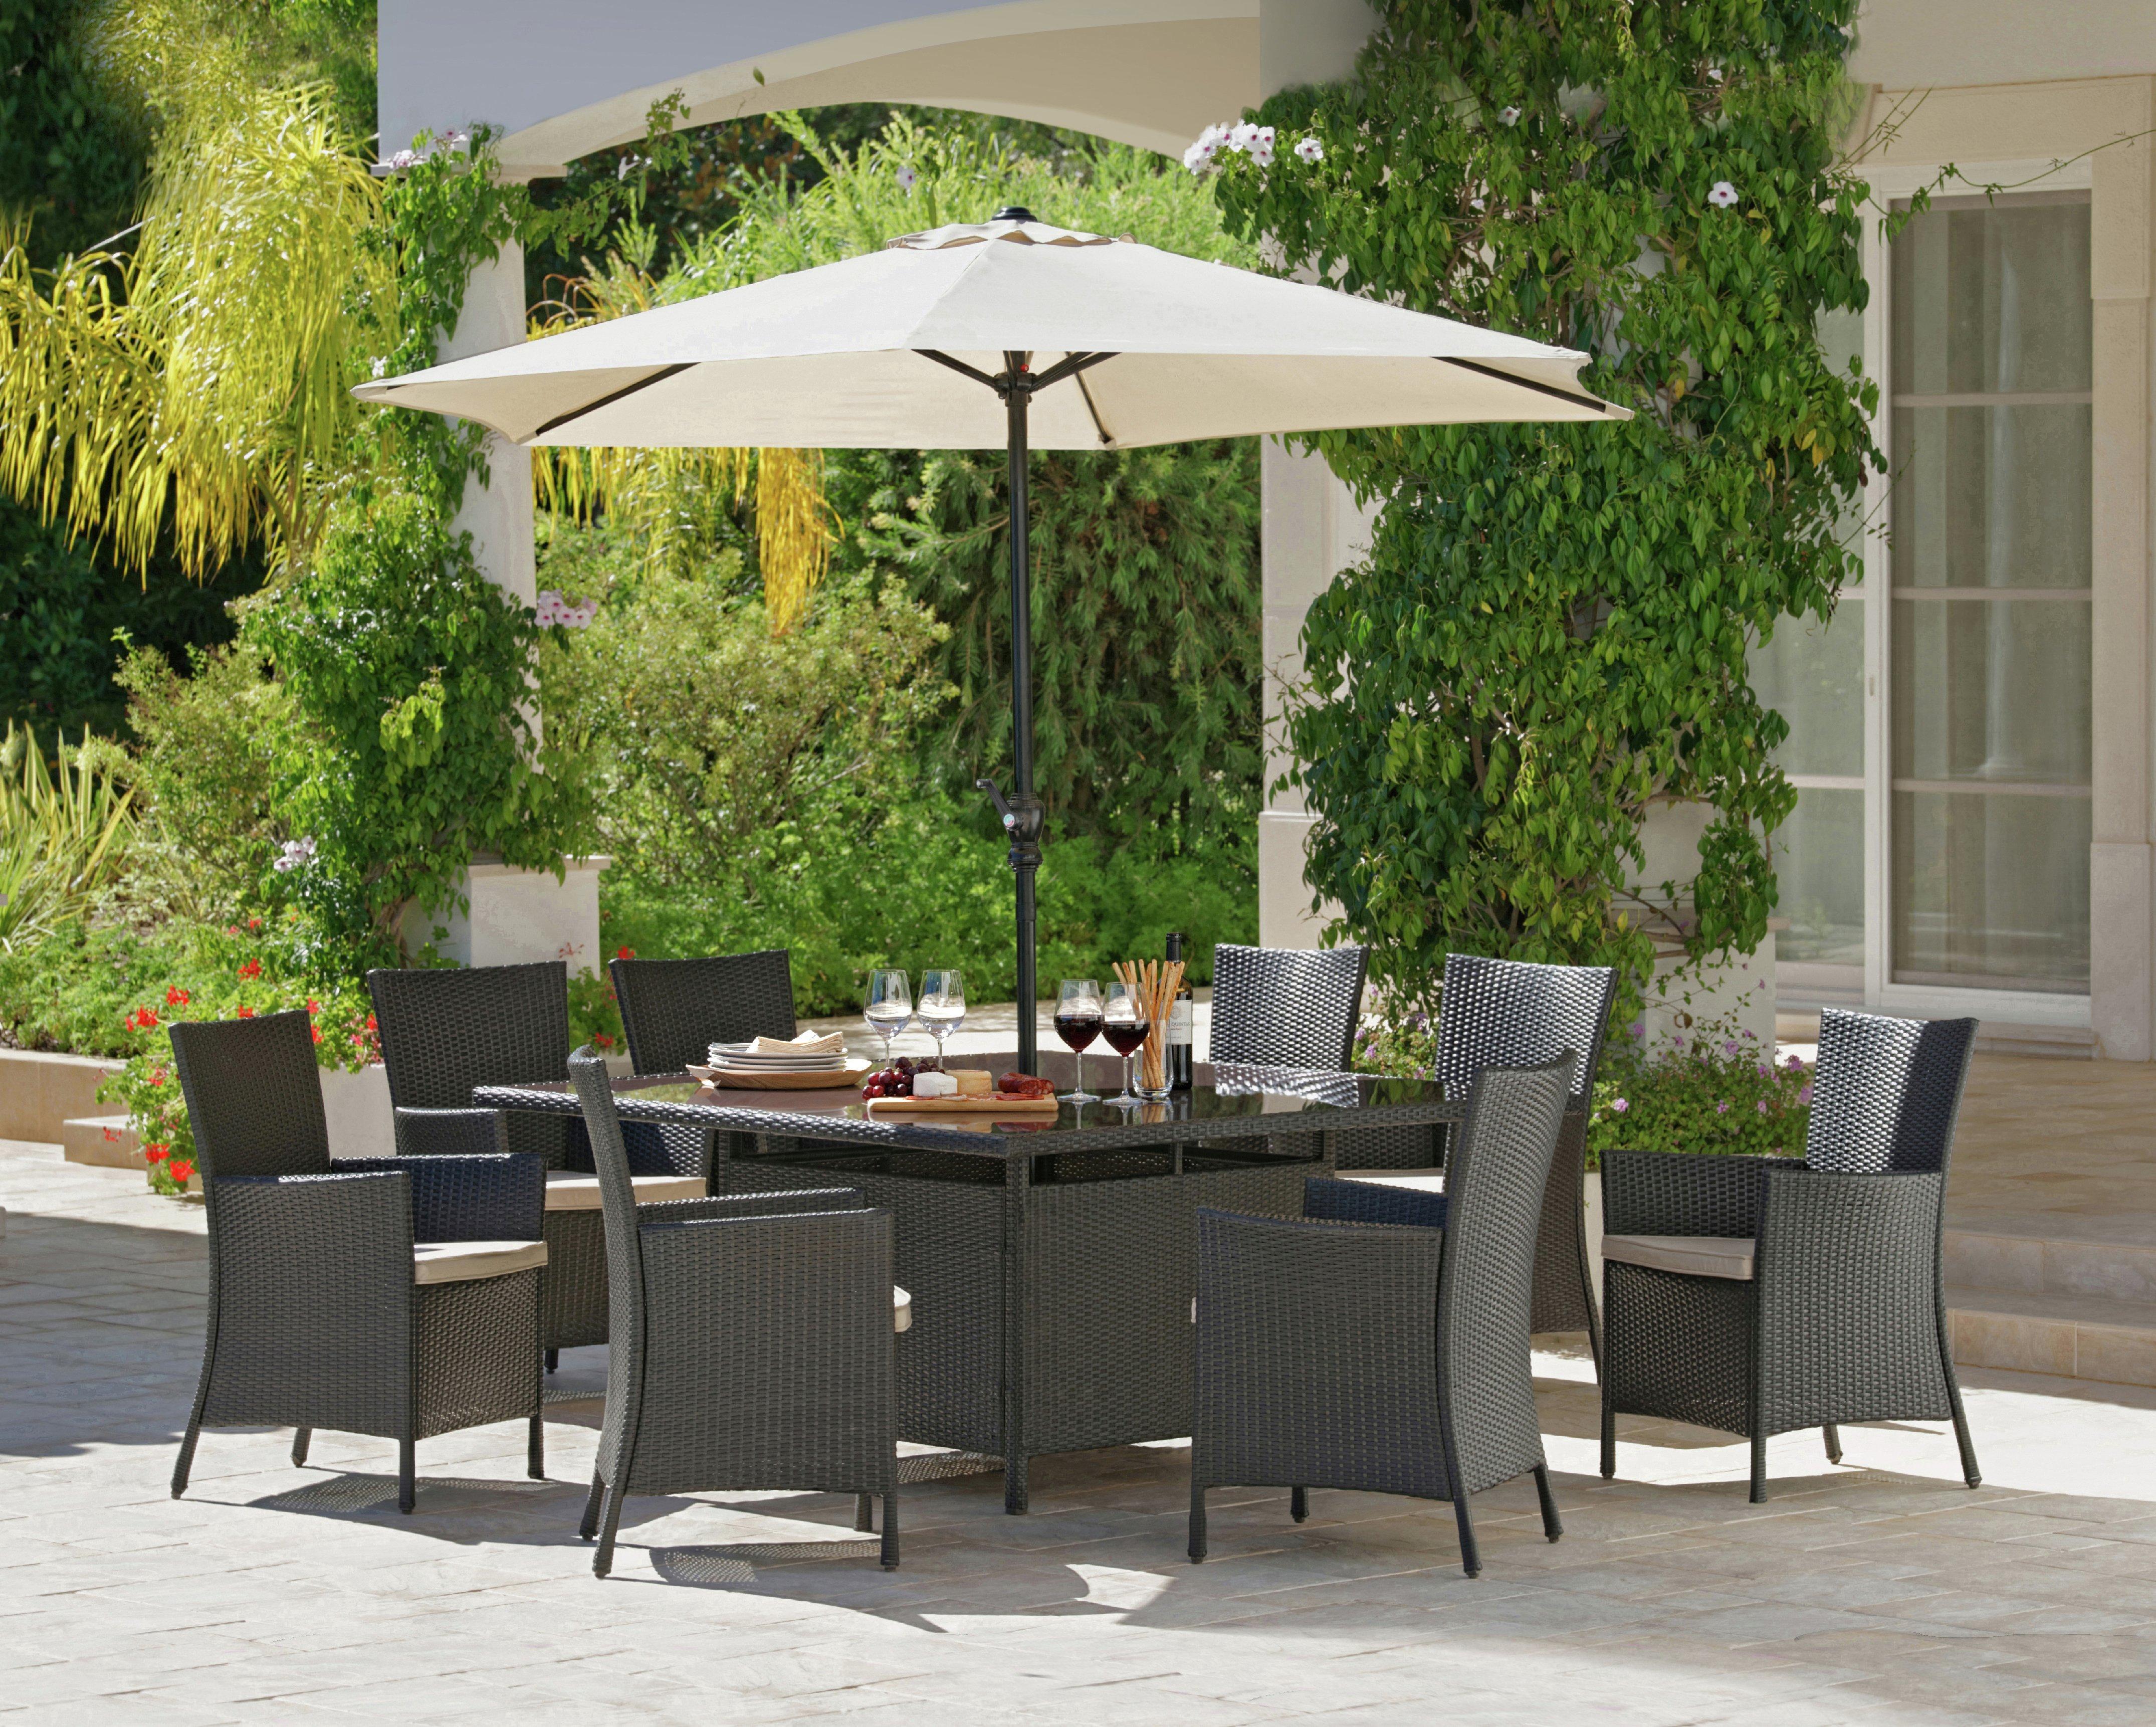 Garden Furniture Sets Uk buy bali rattan effect 8 seater patio furniture set - brown at